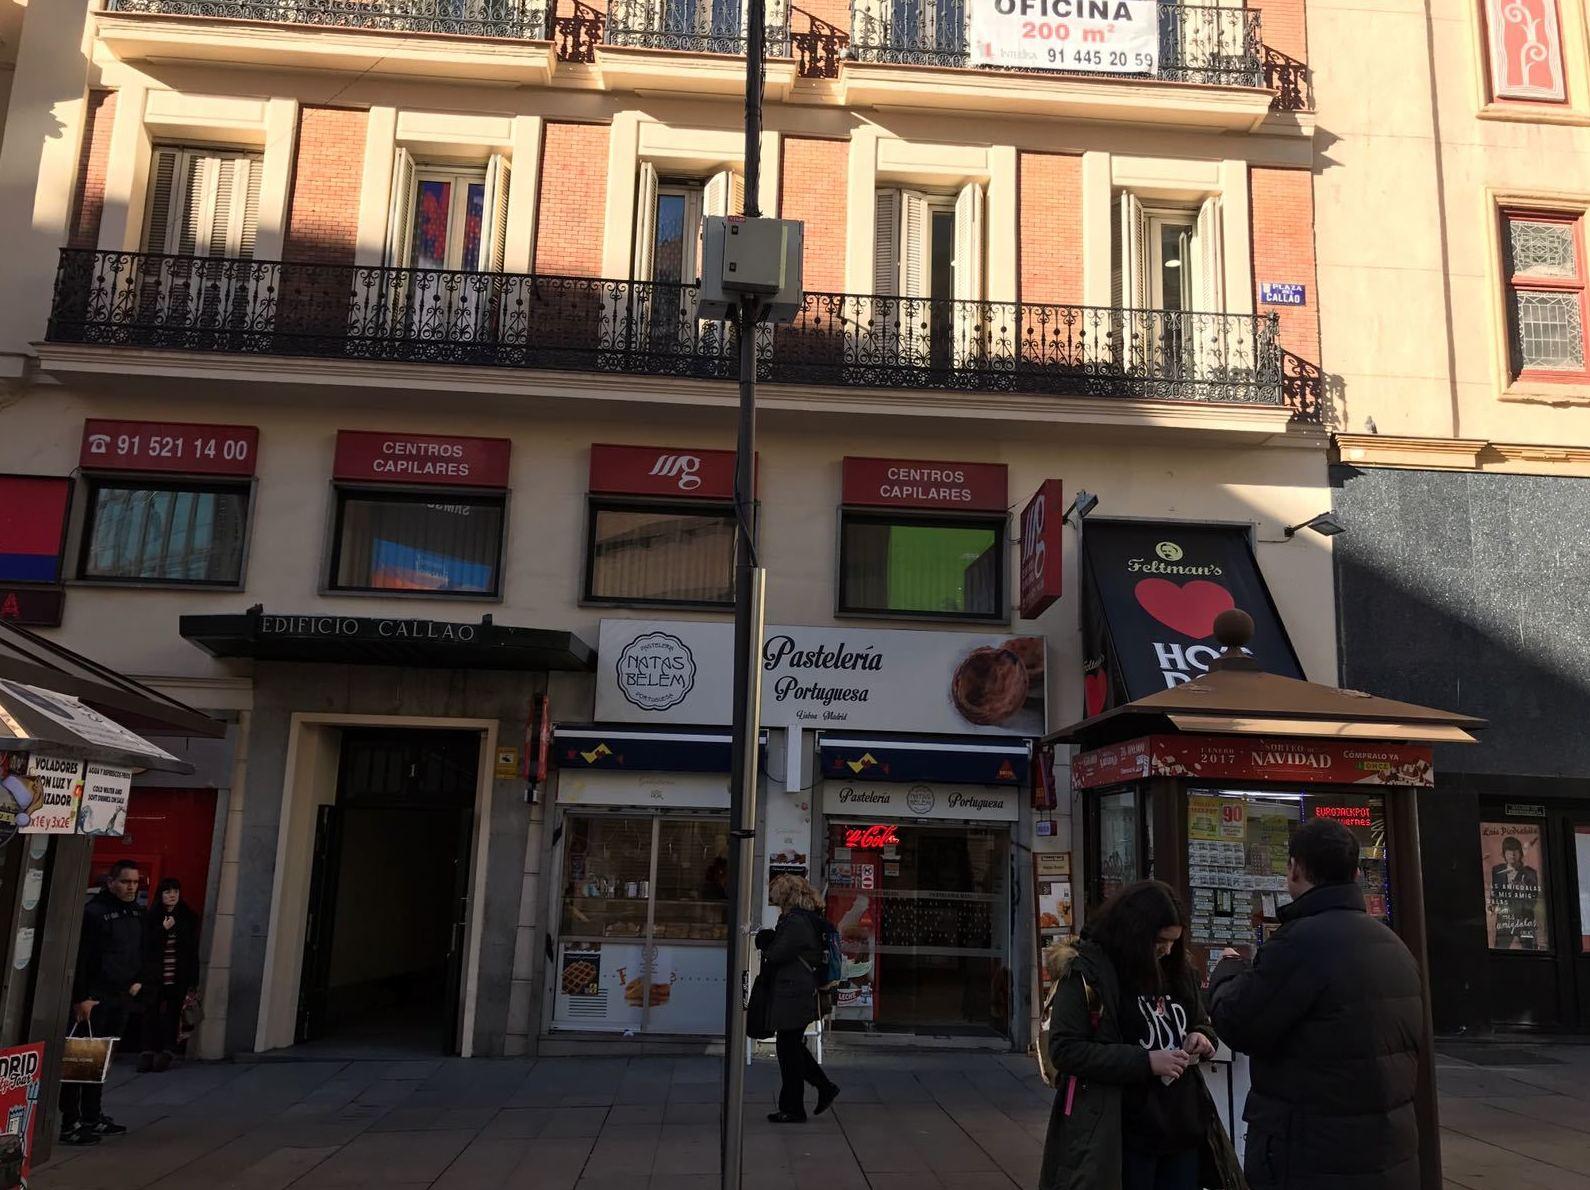 Agencia de viajes en Callao (Madrid)